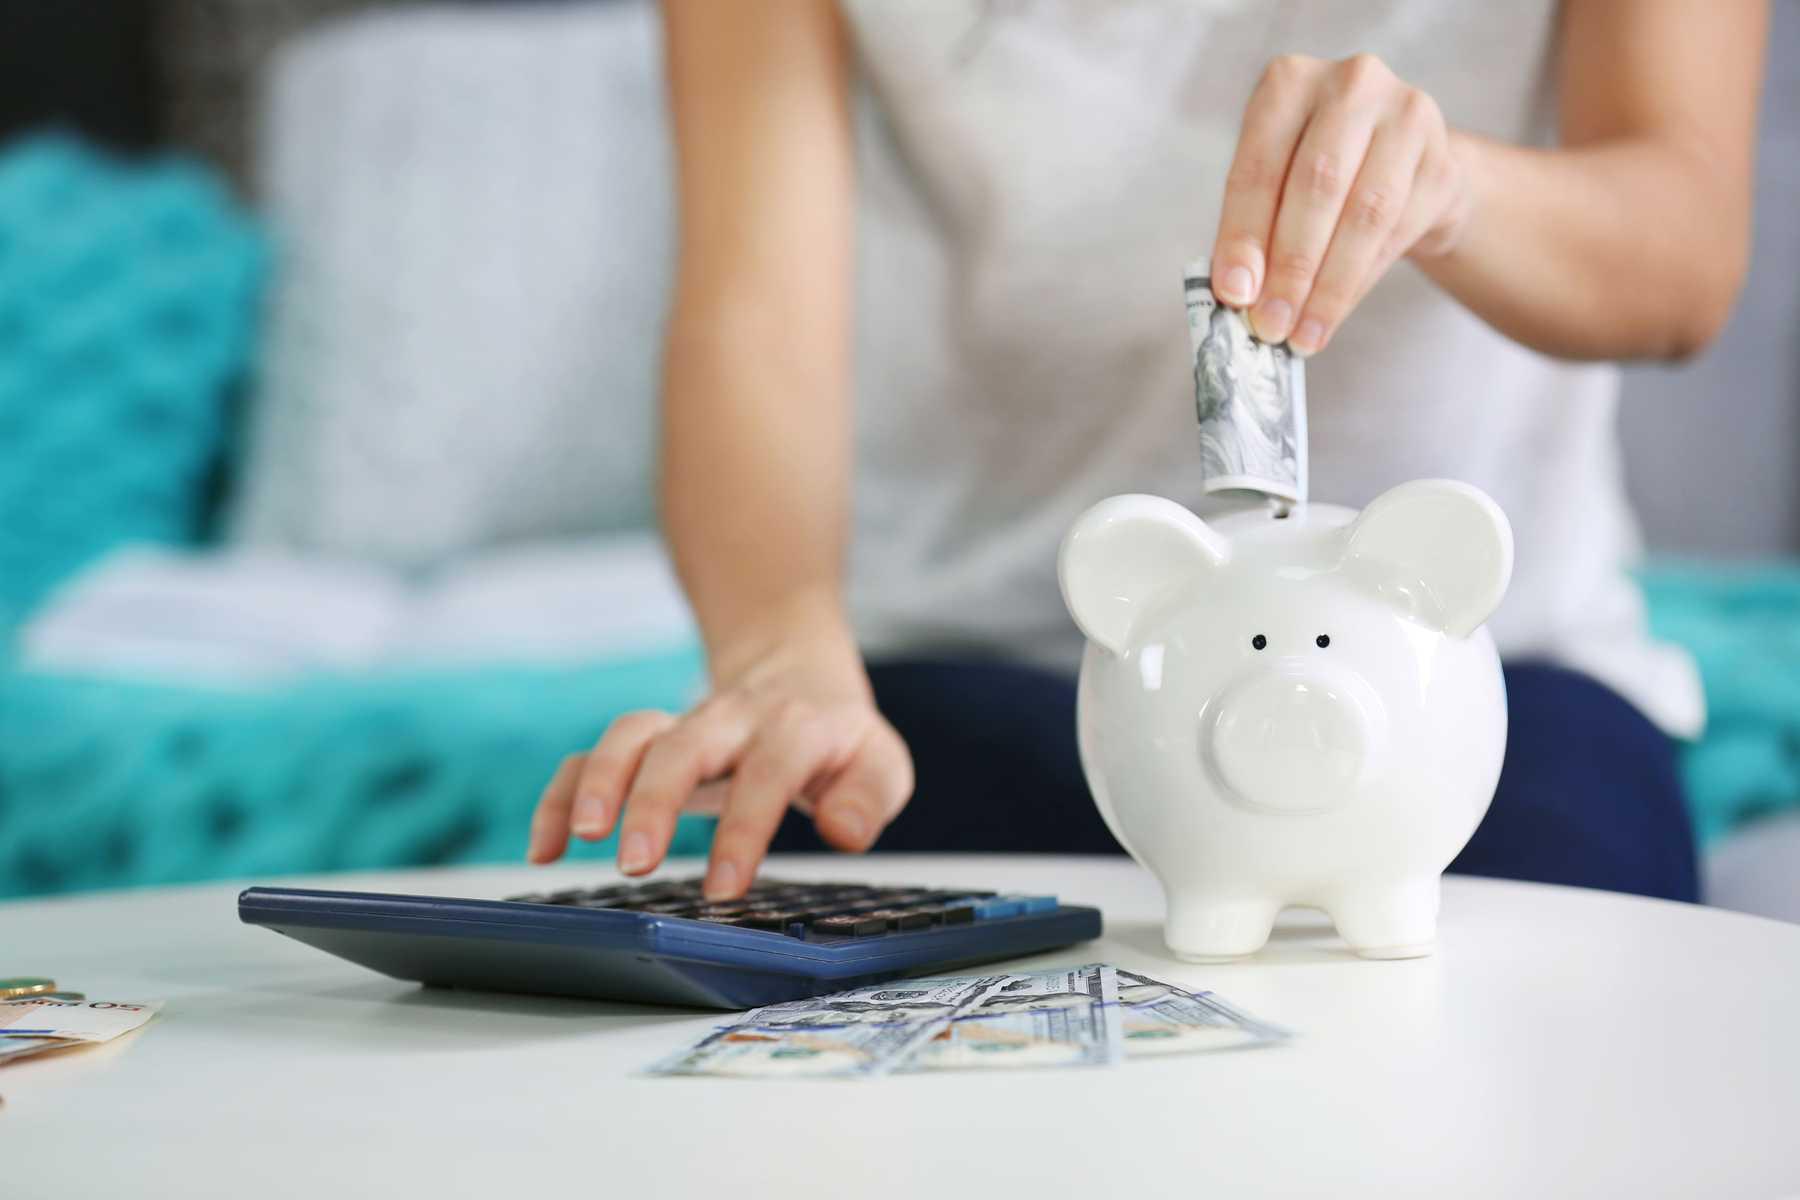 Chị em đang độ tuổi 30 cần tỉnh táo để tránh mắc phải 3 sai lầm tiền bạc này - Ảnh 2.